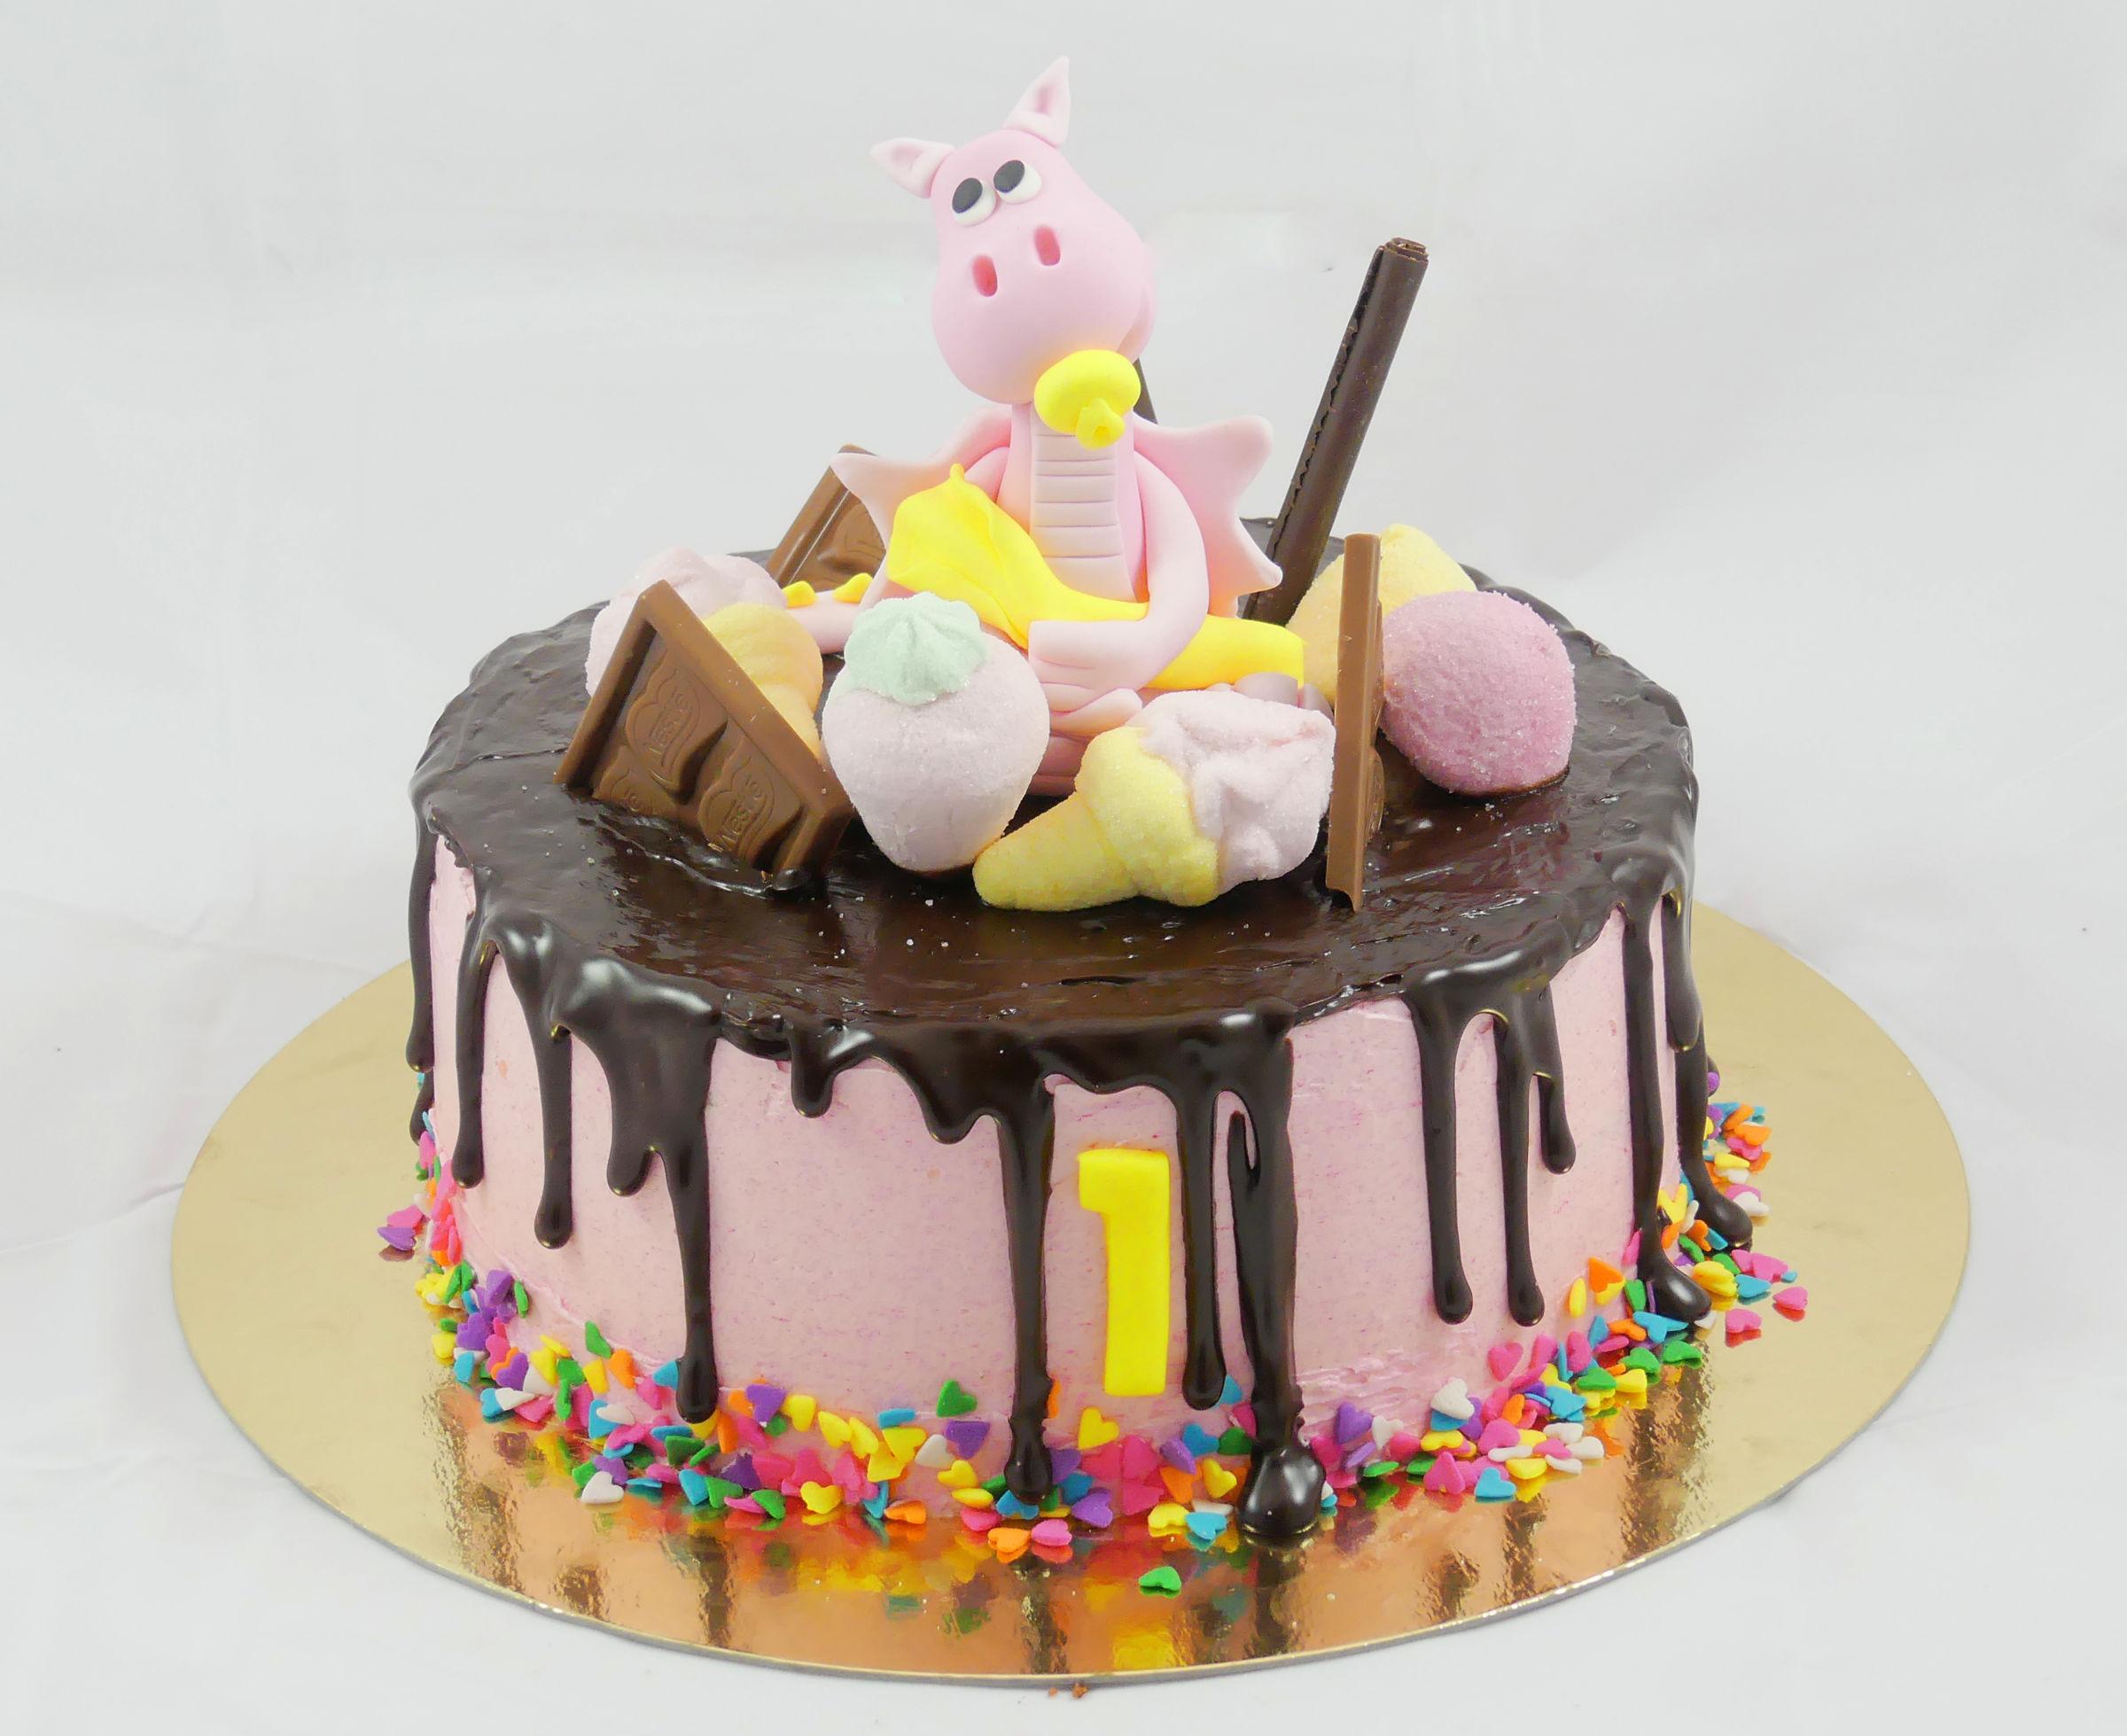 Tarta cubierta con buttercream de color rosa, pequeñas virutas de caramelo alrededor el numero uno en color amarillo, ganache de chocolate por encima y cayendo por los lados diferentes tipos de chocolates y gominolas sobre la tarta junto con un pequeño dragon de fondant